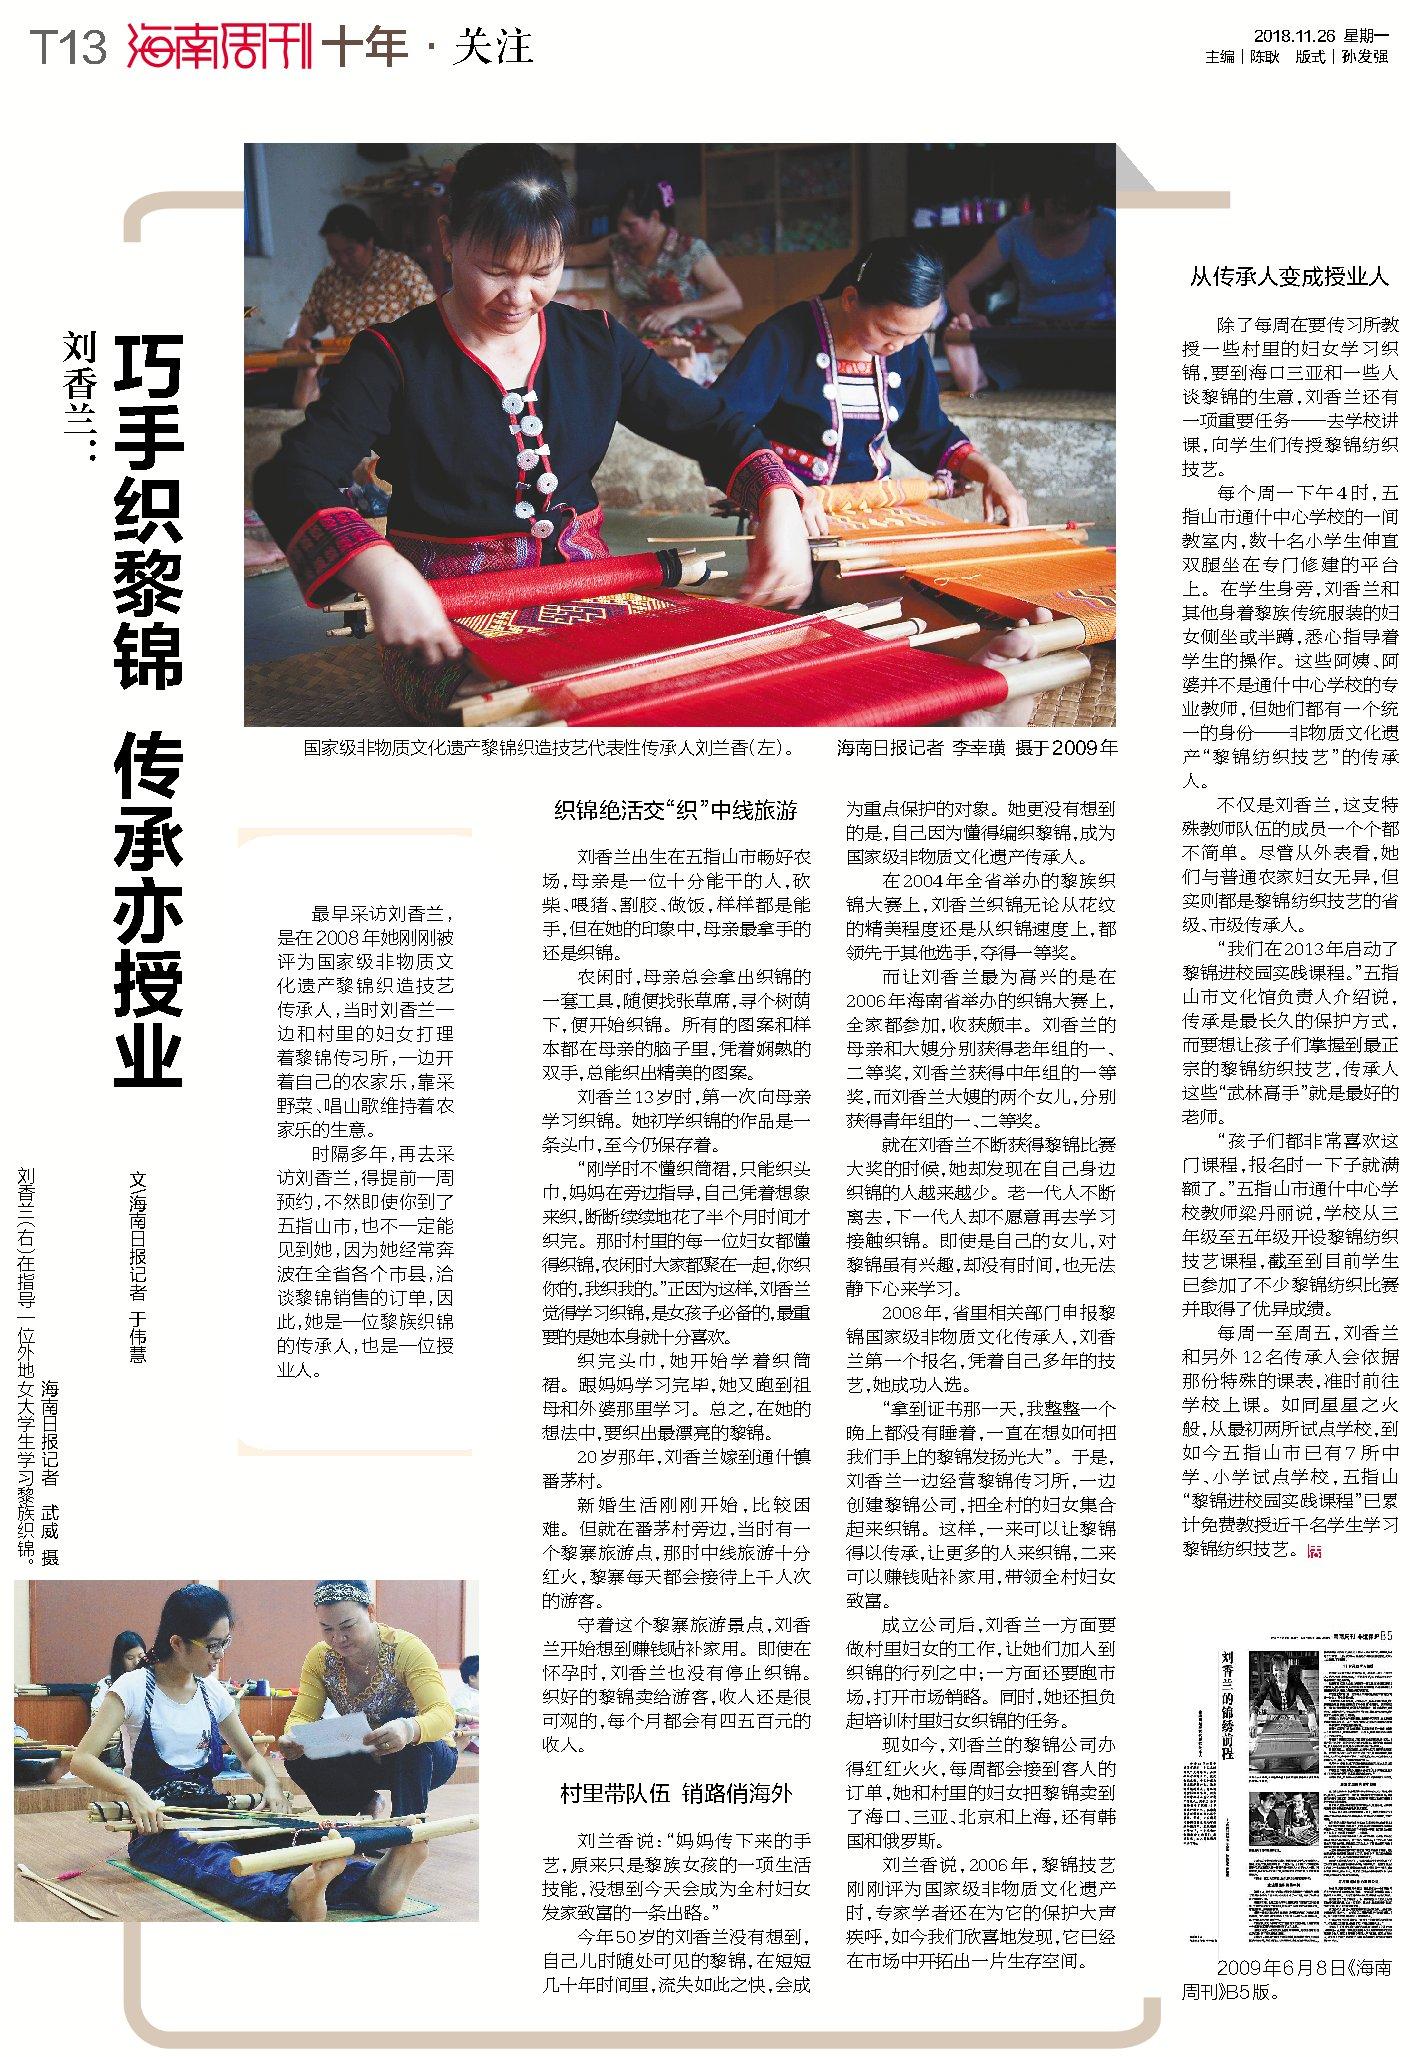 海南周刊十年·关注丨刘香兰:巧手织黎锦传承亦授业